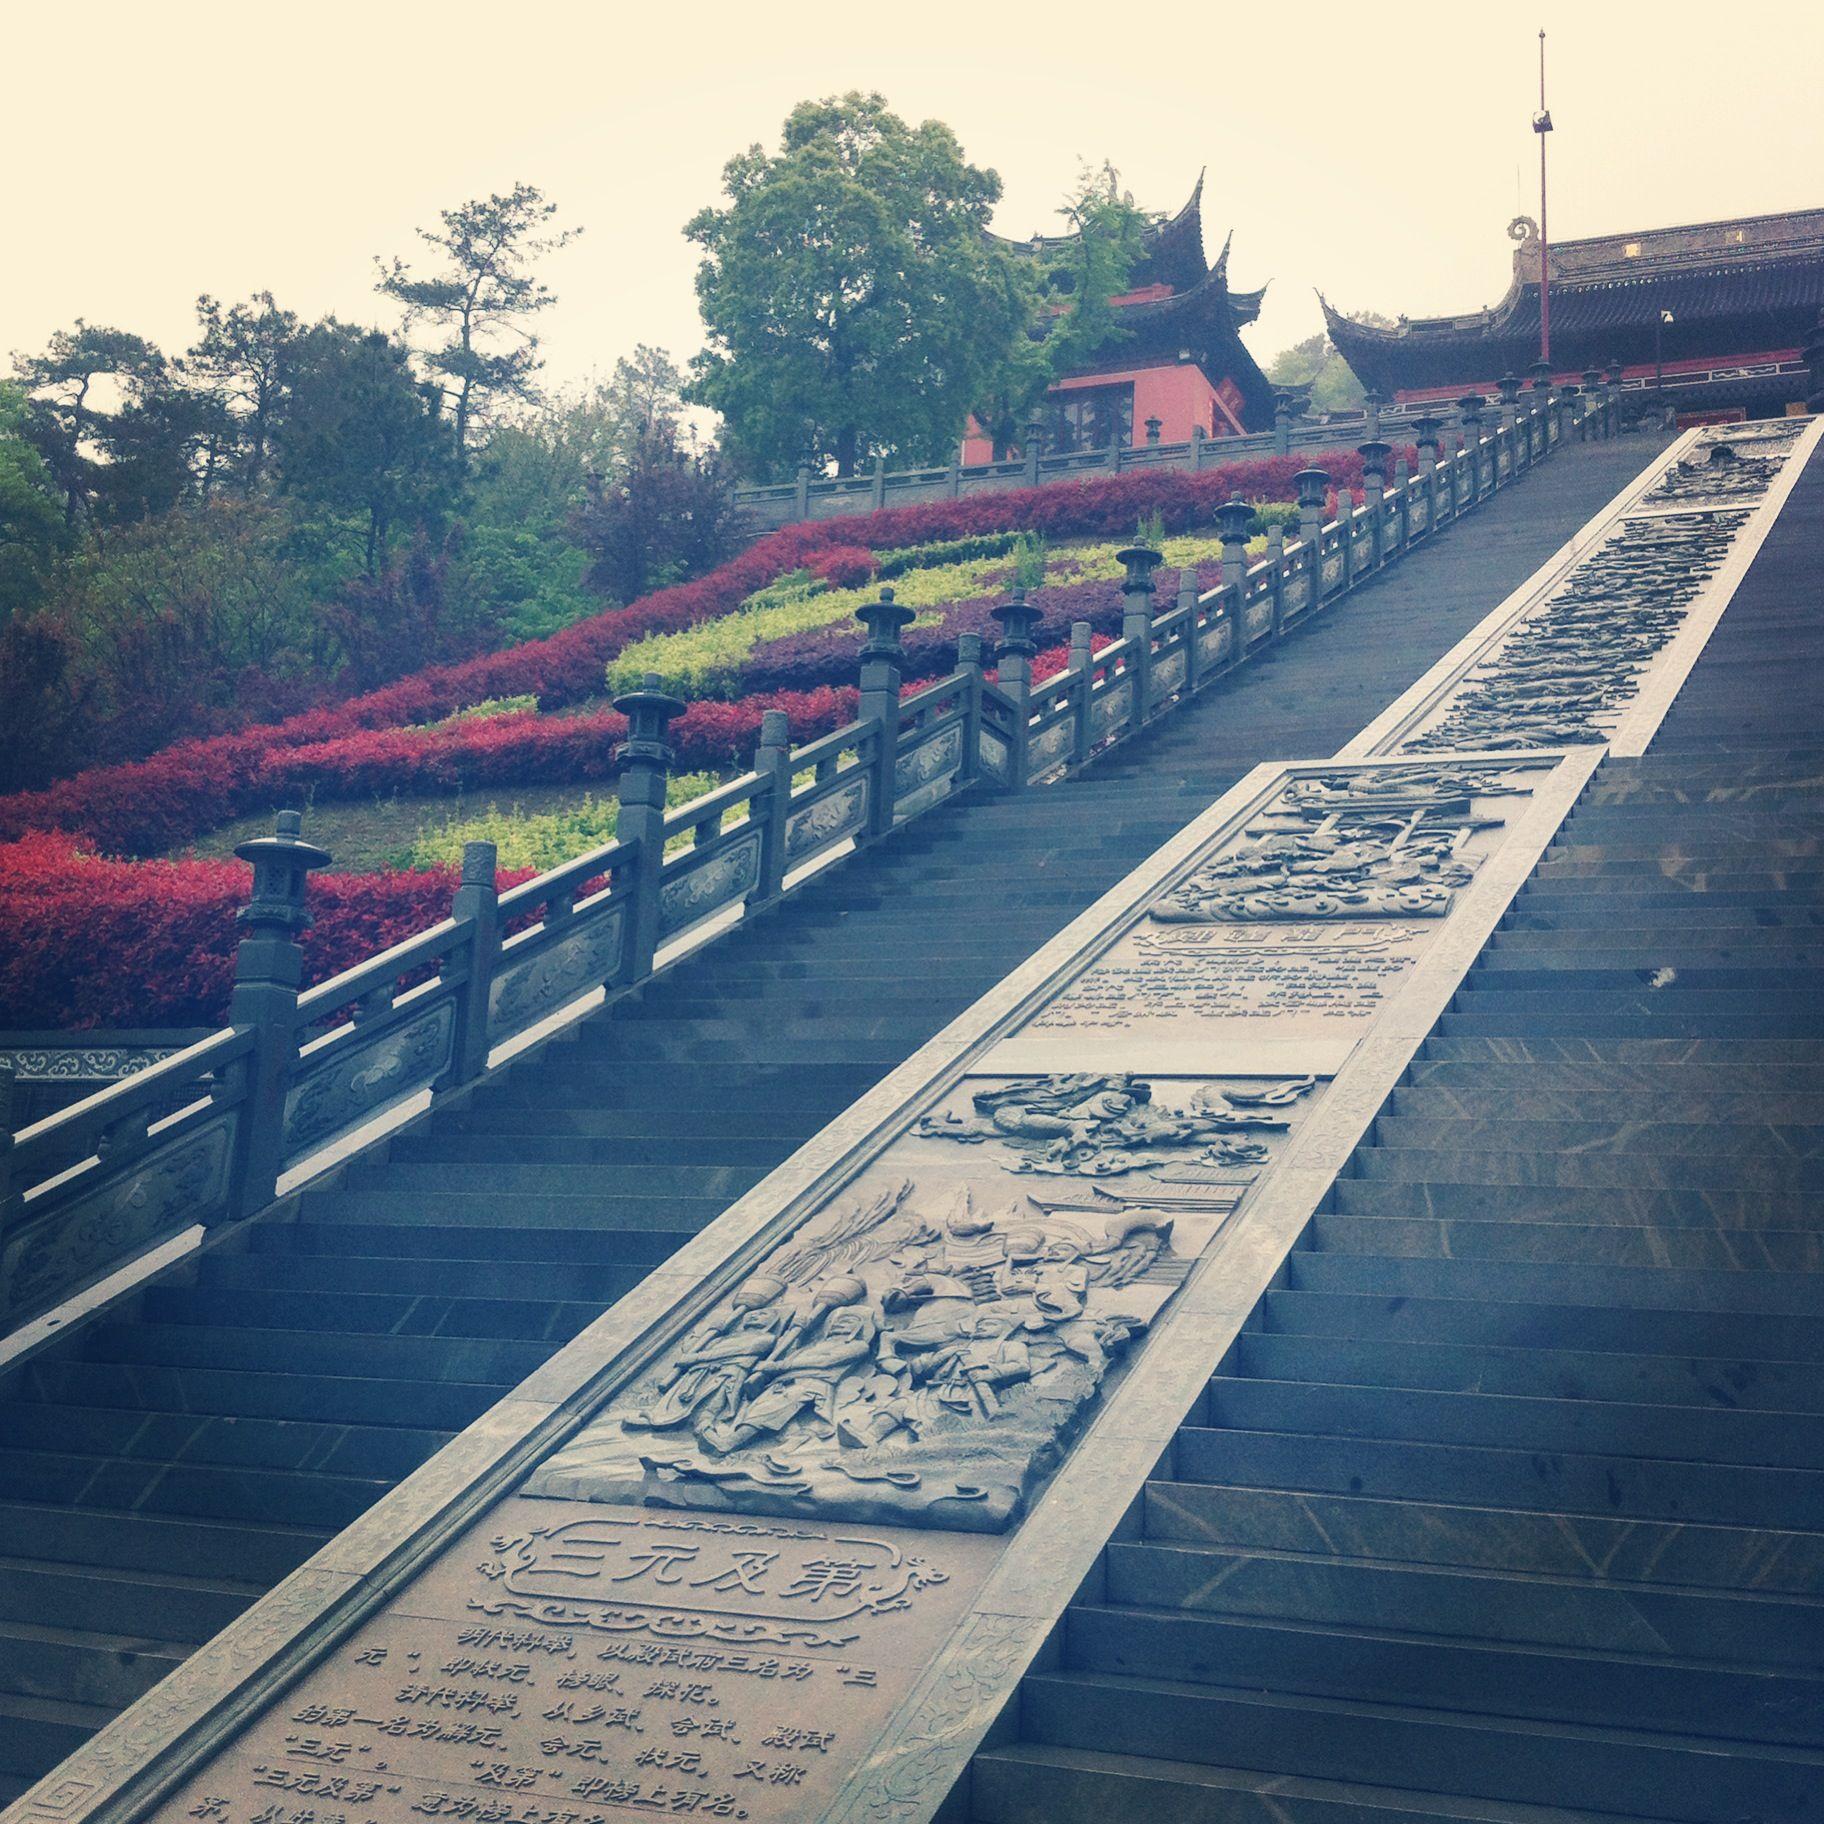 Mount mao tao temple railroad tracks temple sidewalk